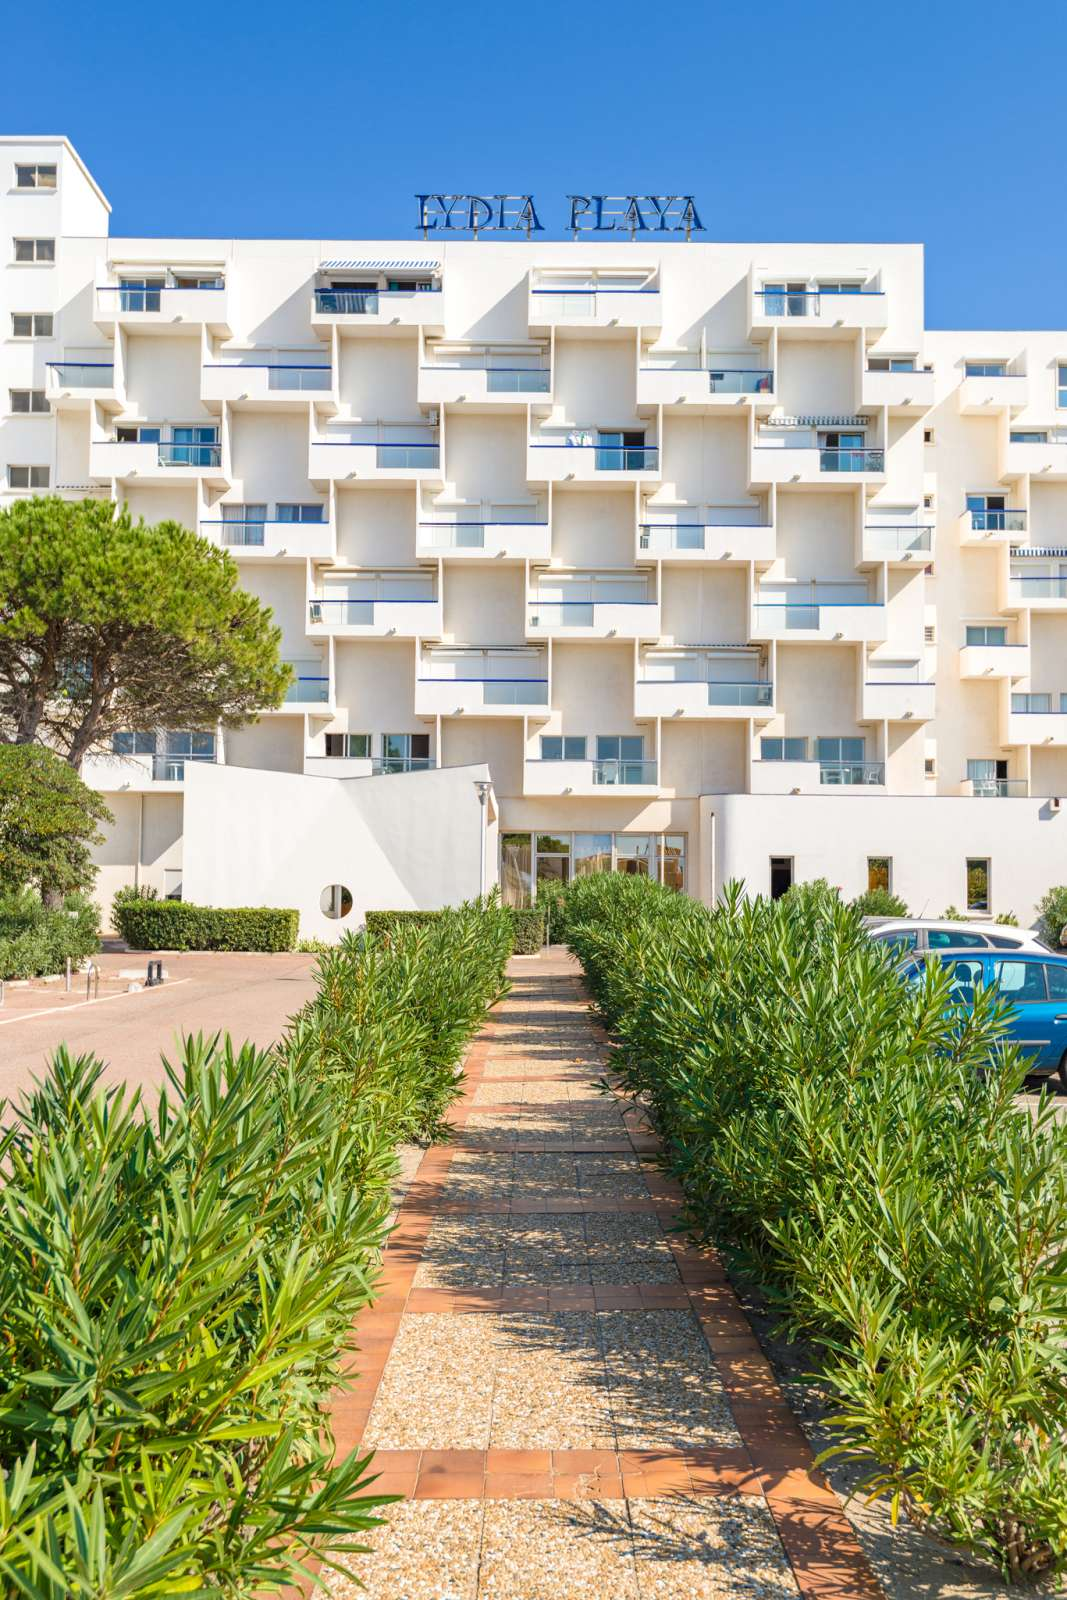 France - Méditerranée Ouest - Barcarès - Résidence Lagrange Vacances Le Lydia Playa